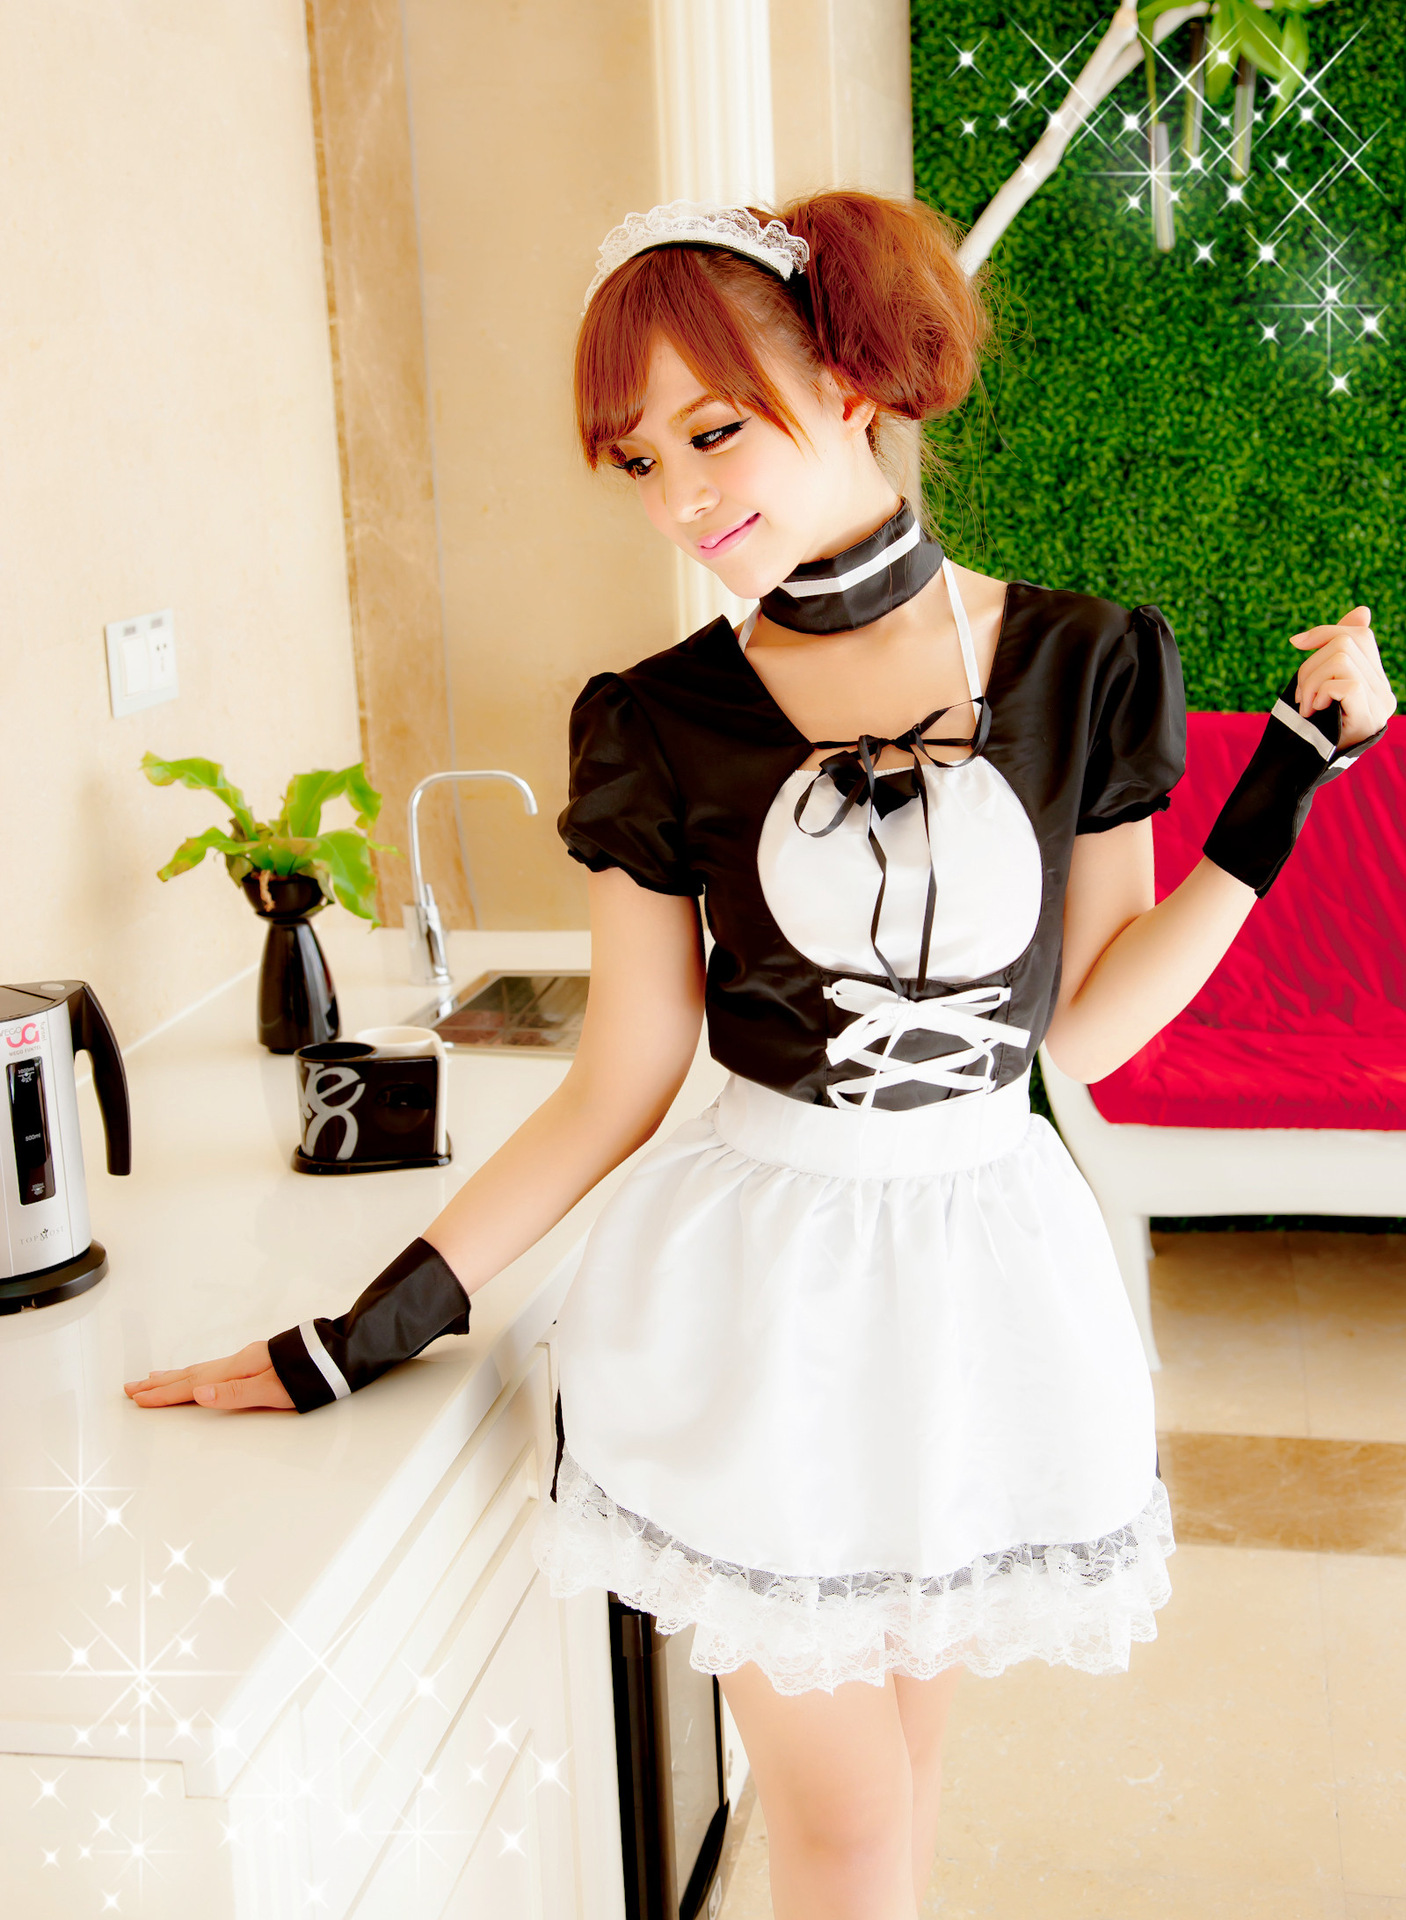 ชุดคอสเพลย์แม่บ้านญี่ปุ่น สวยน่ารัก